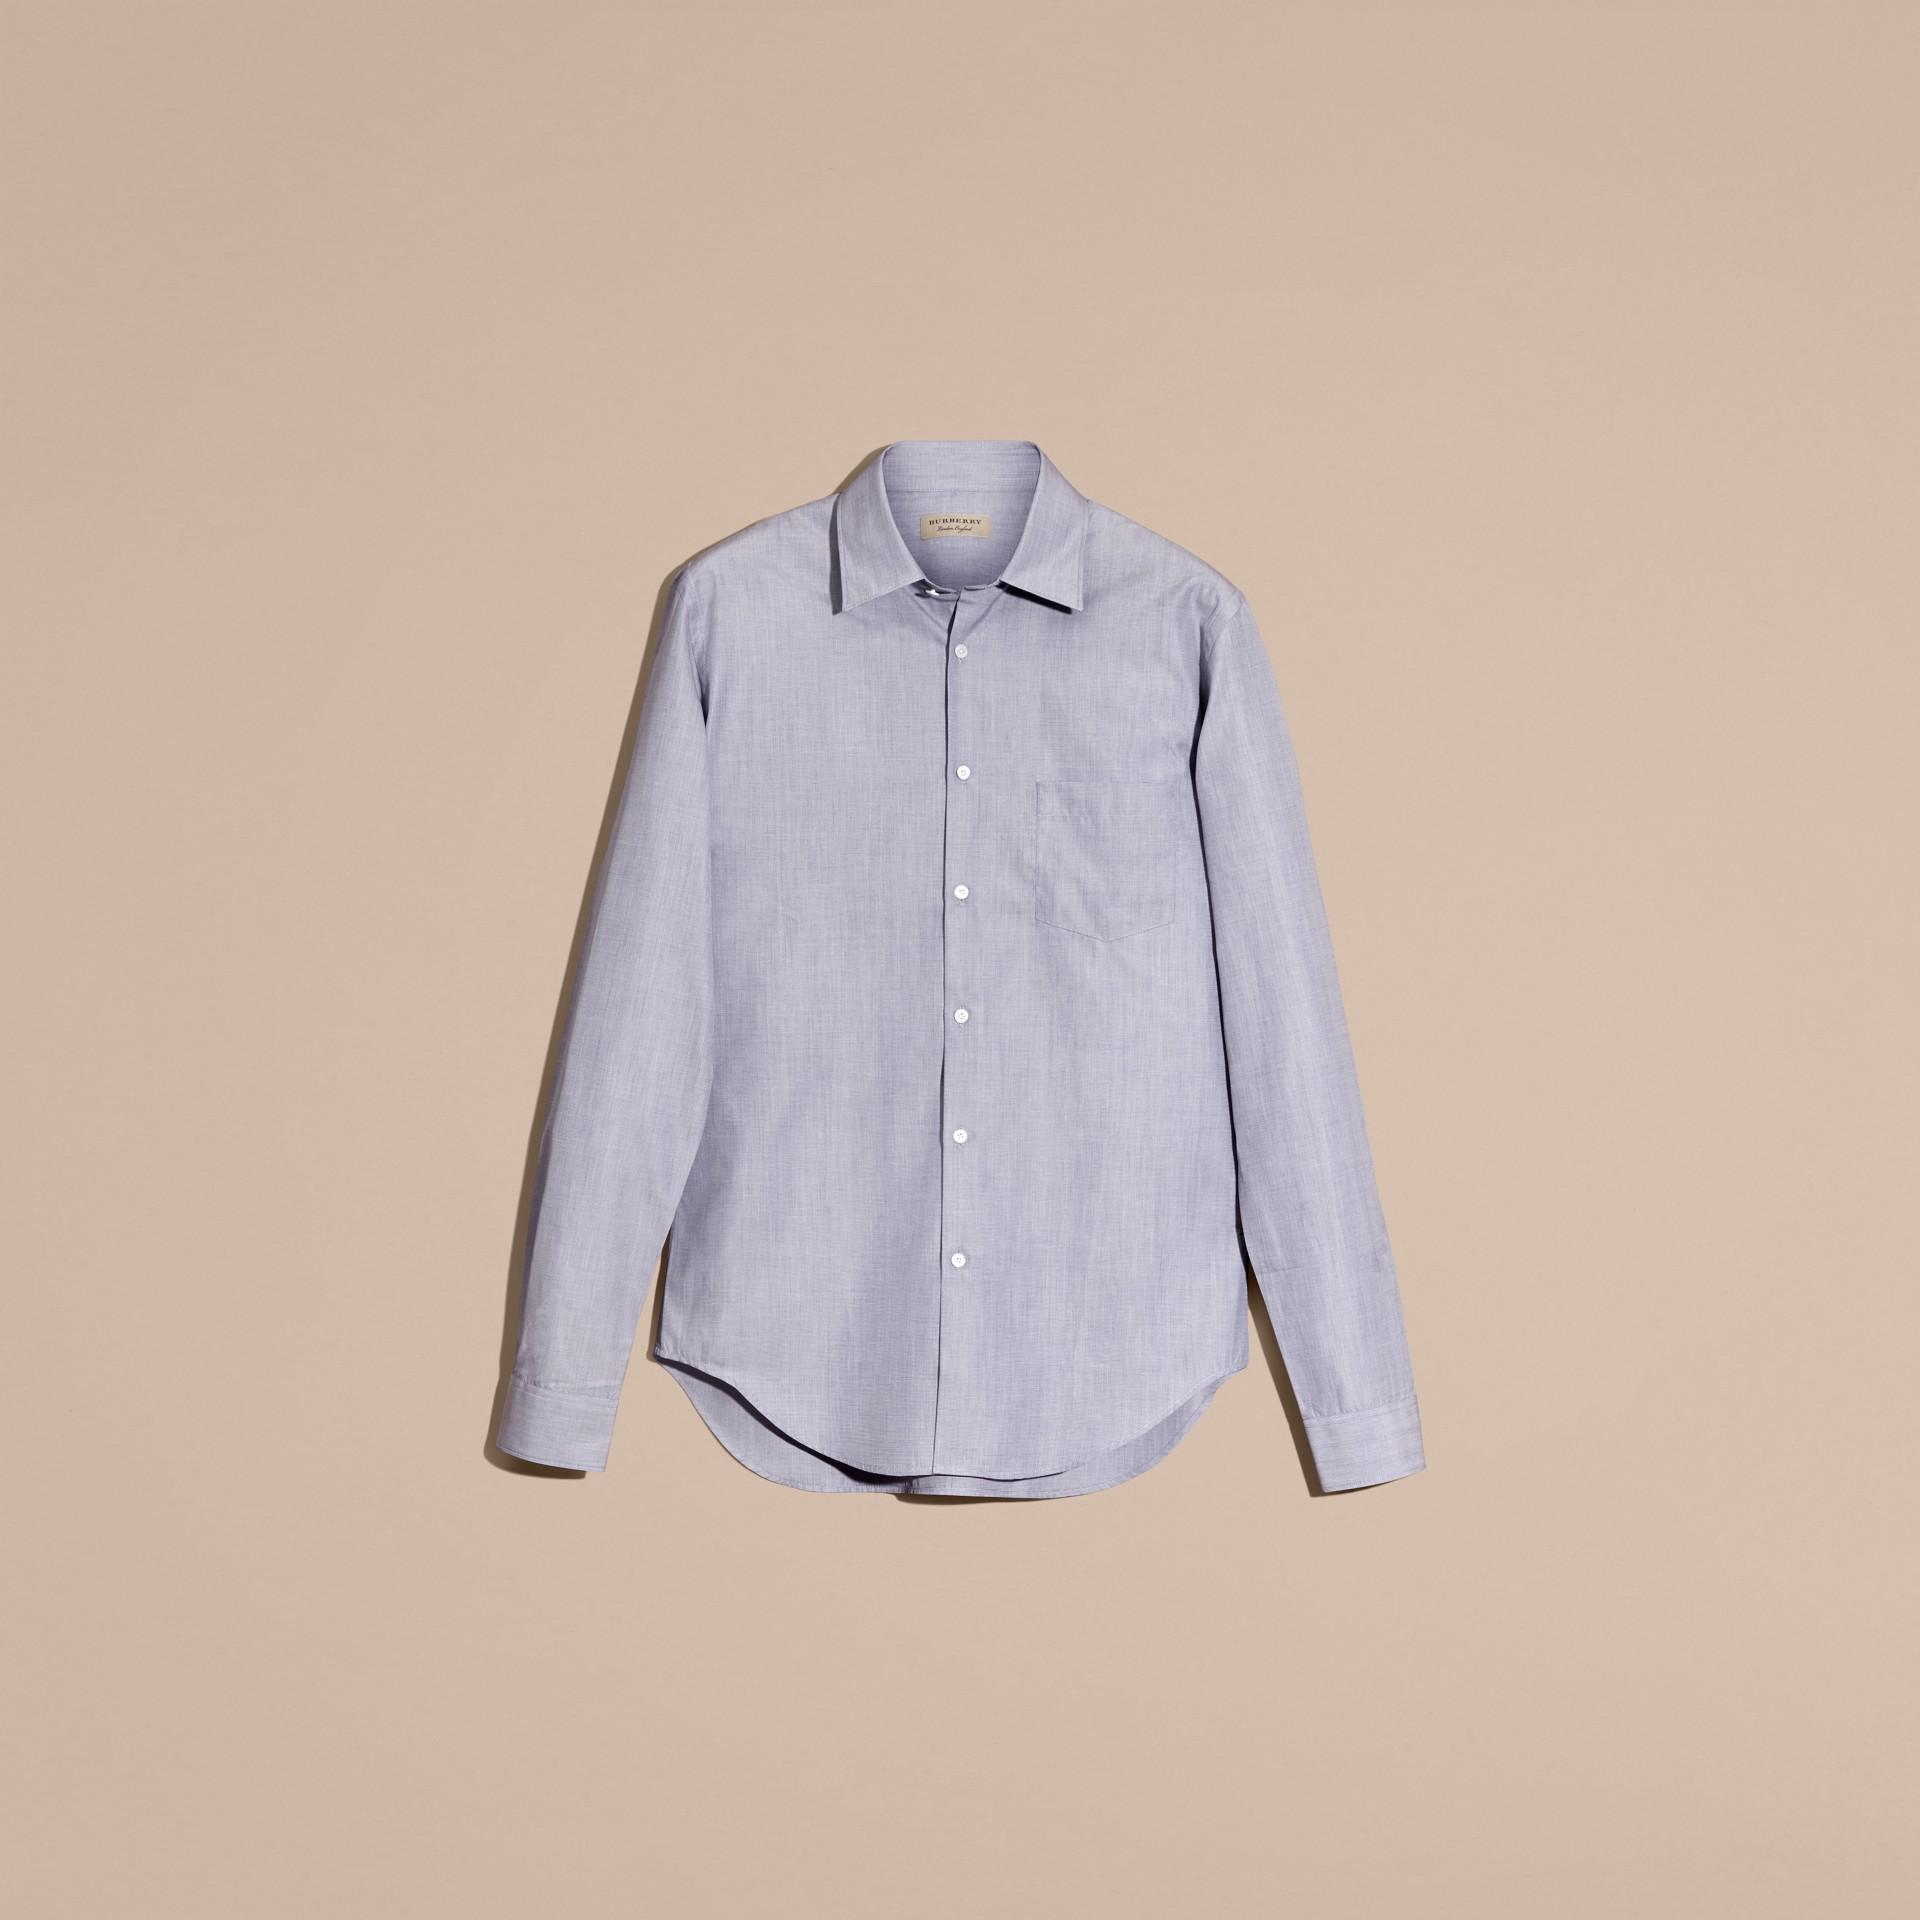 Light blue Camisa de mescla de algodão Light Blue - galeria de imagens 4